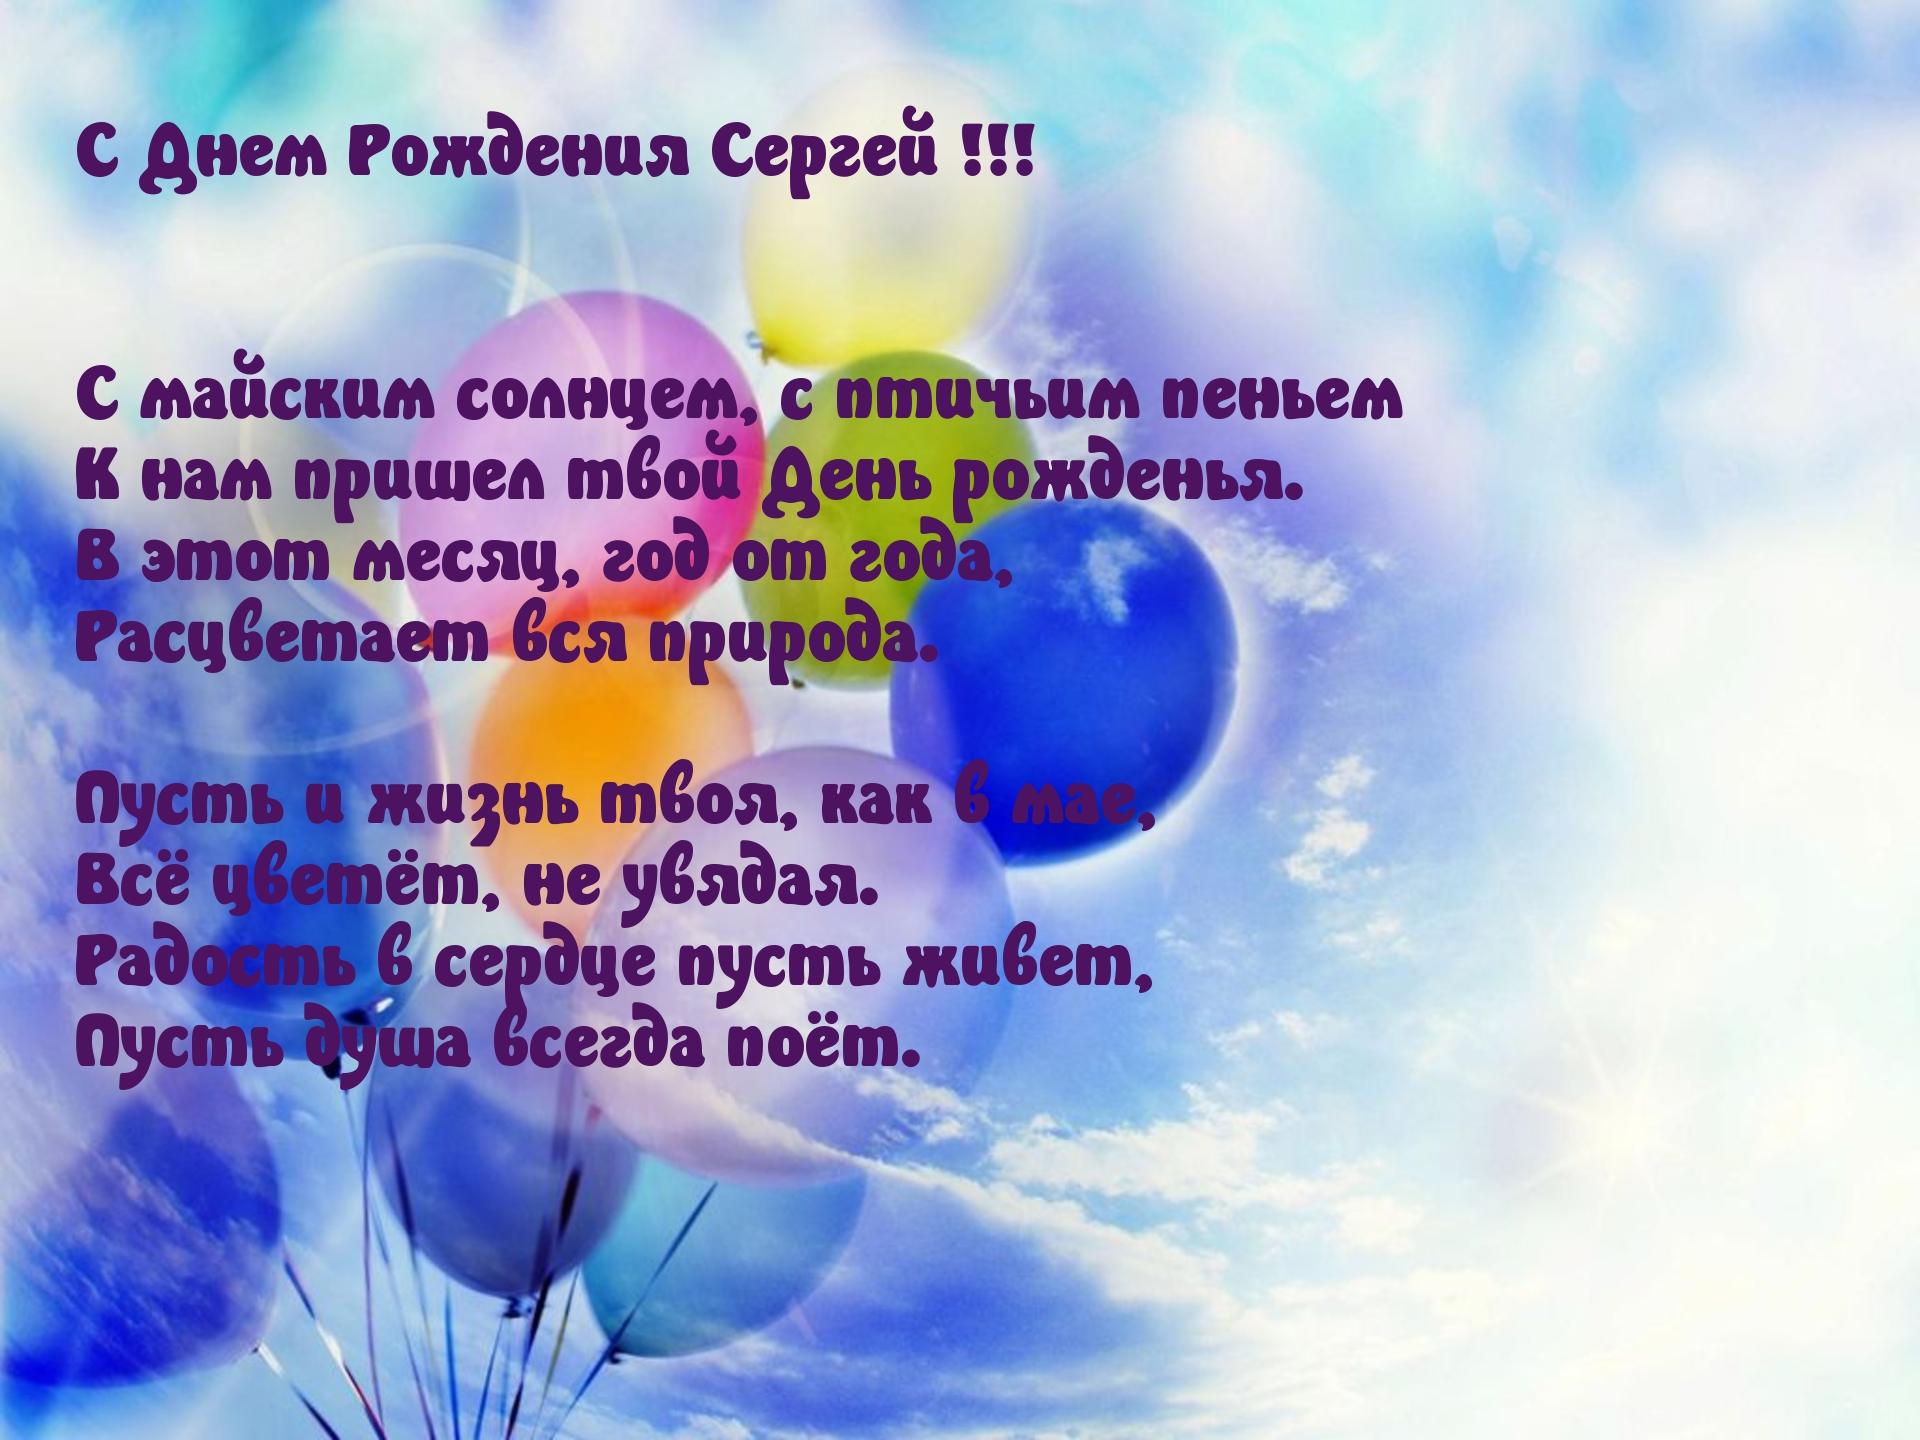 Поздравление с днем рождения сергея в стихах прикольные 81